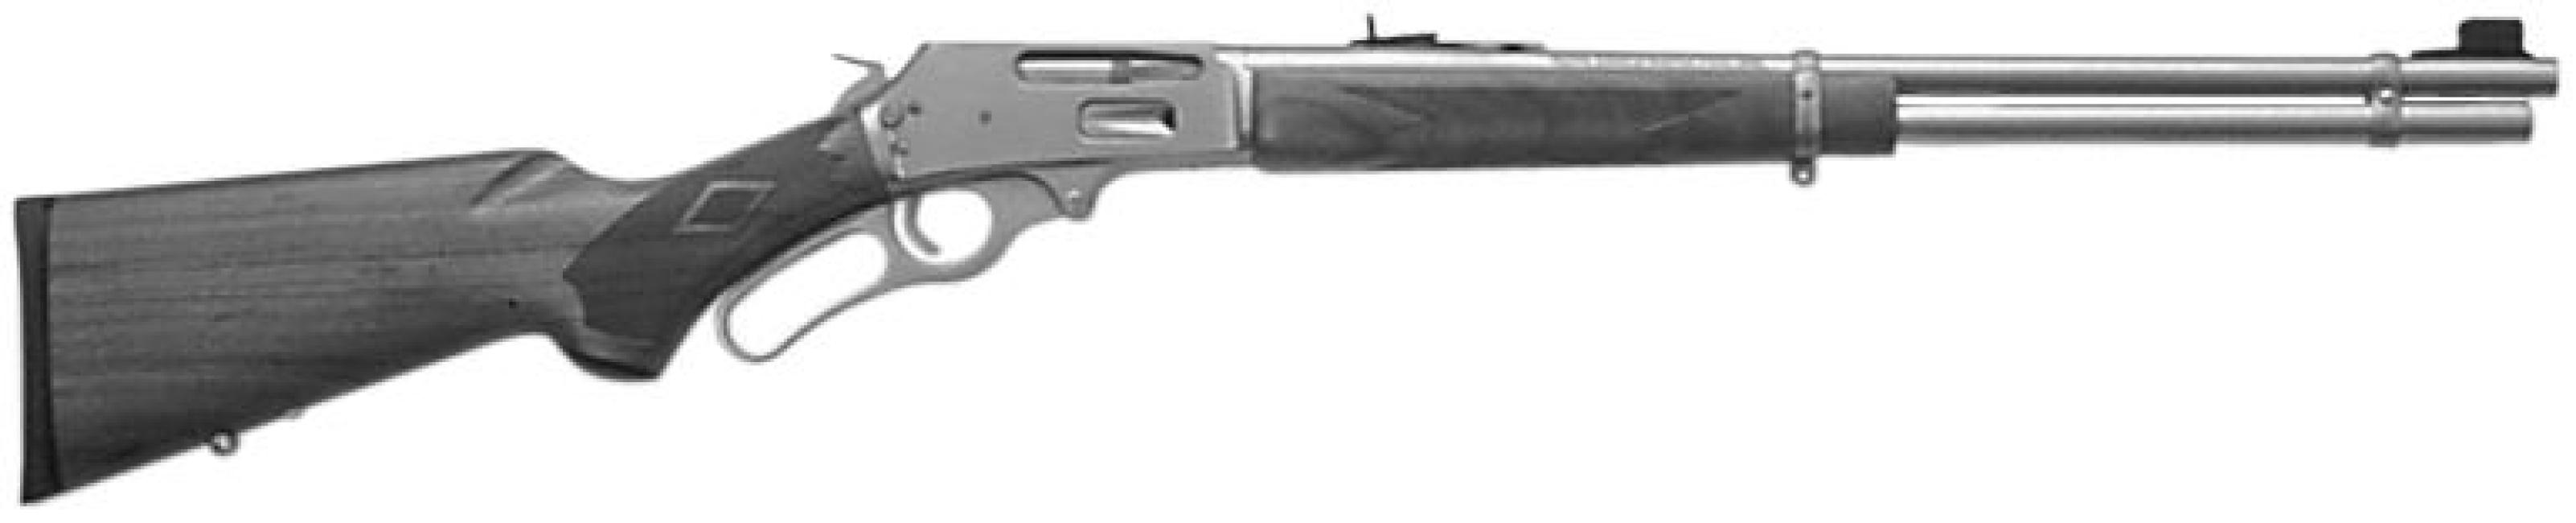 MARLIN FIREARMS CO  MODEL 336 Models :: Gun Values by Gun Digest